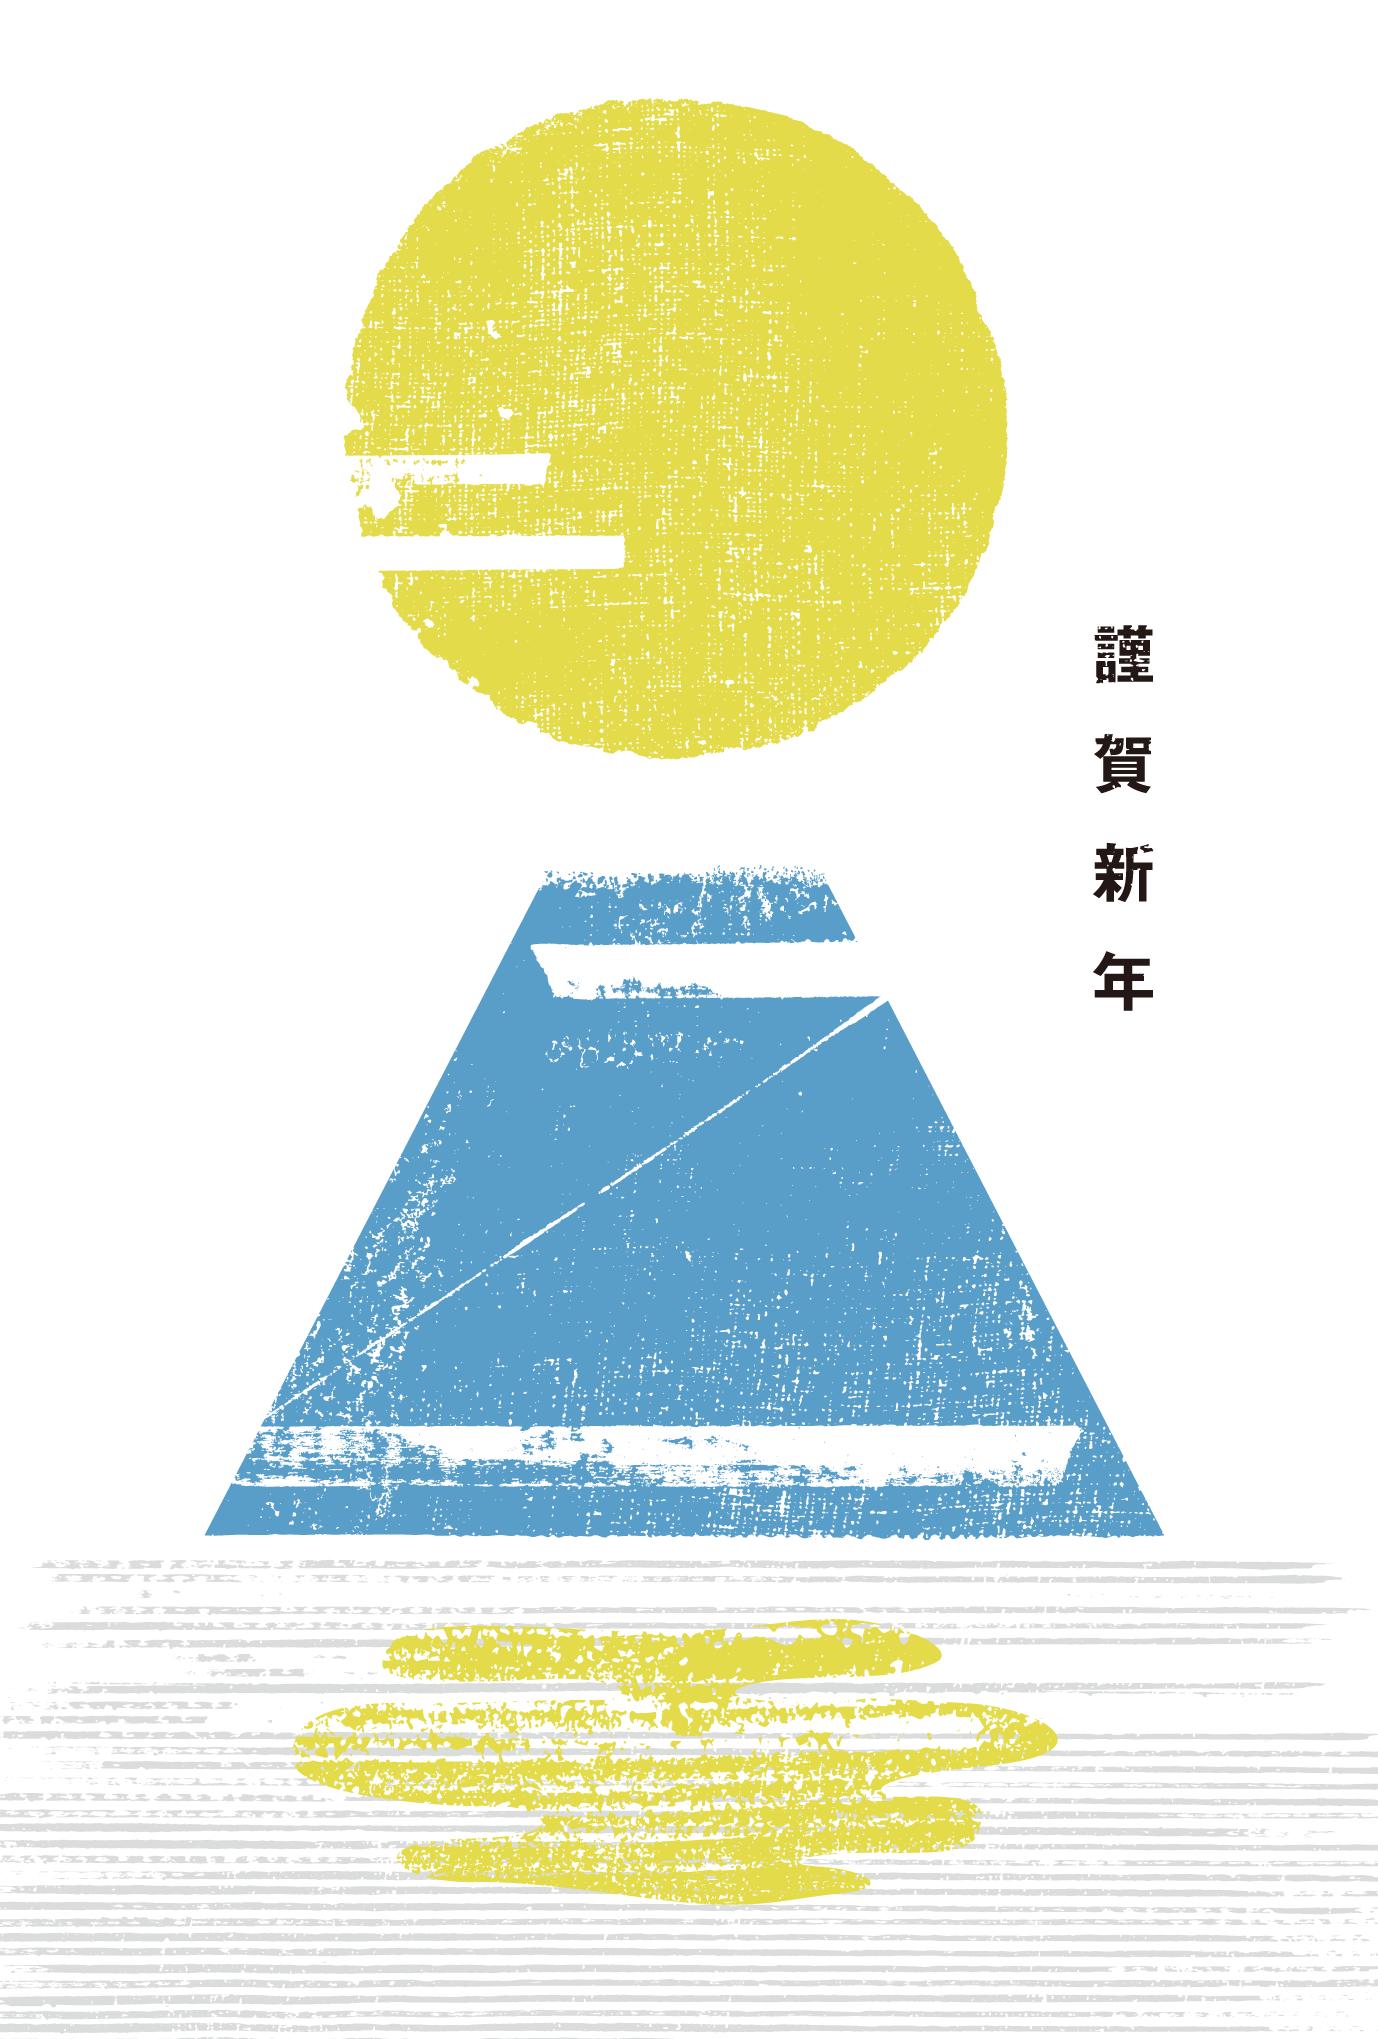 2020年賀状13-2:Mt.二〇二〇 / 黄のダウンロード画像